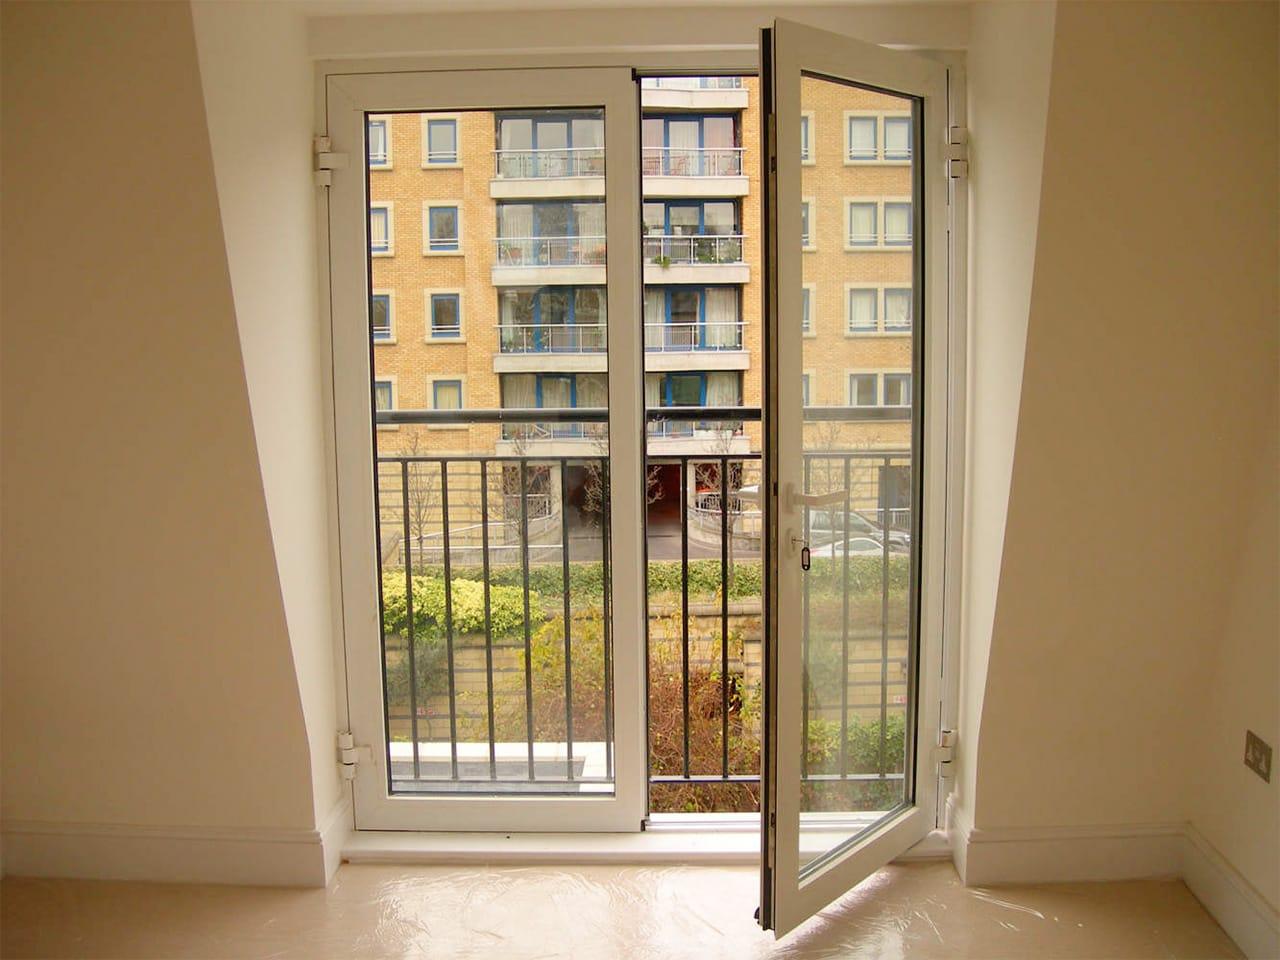 Французские балконы, окна: особенности, установка, утепление.